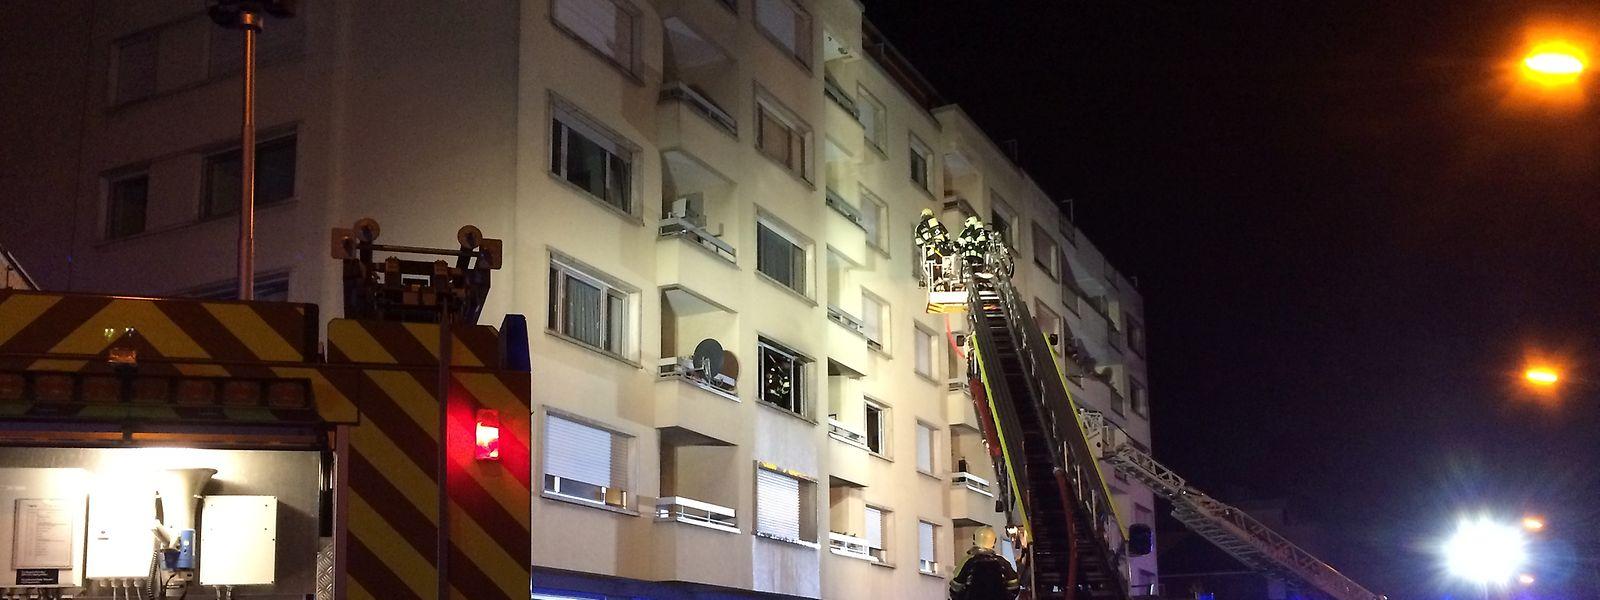 Der Brand war in einer Wohnung im zweiten Stock ausgebrochen.